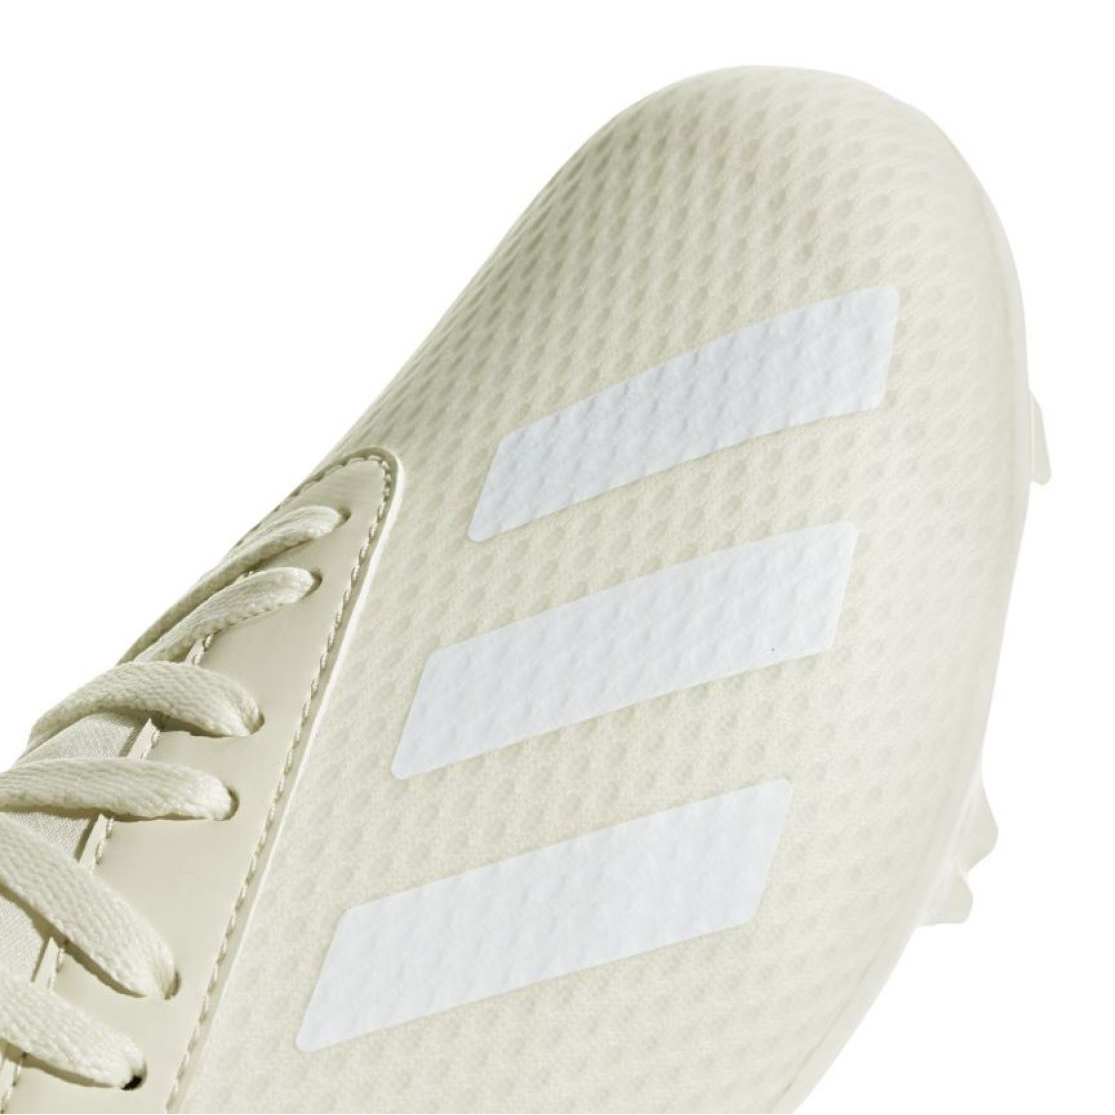 competitive price b12e6 0fa5b Football shoes adidas X 18.3 Fg Jr DB2417